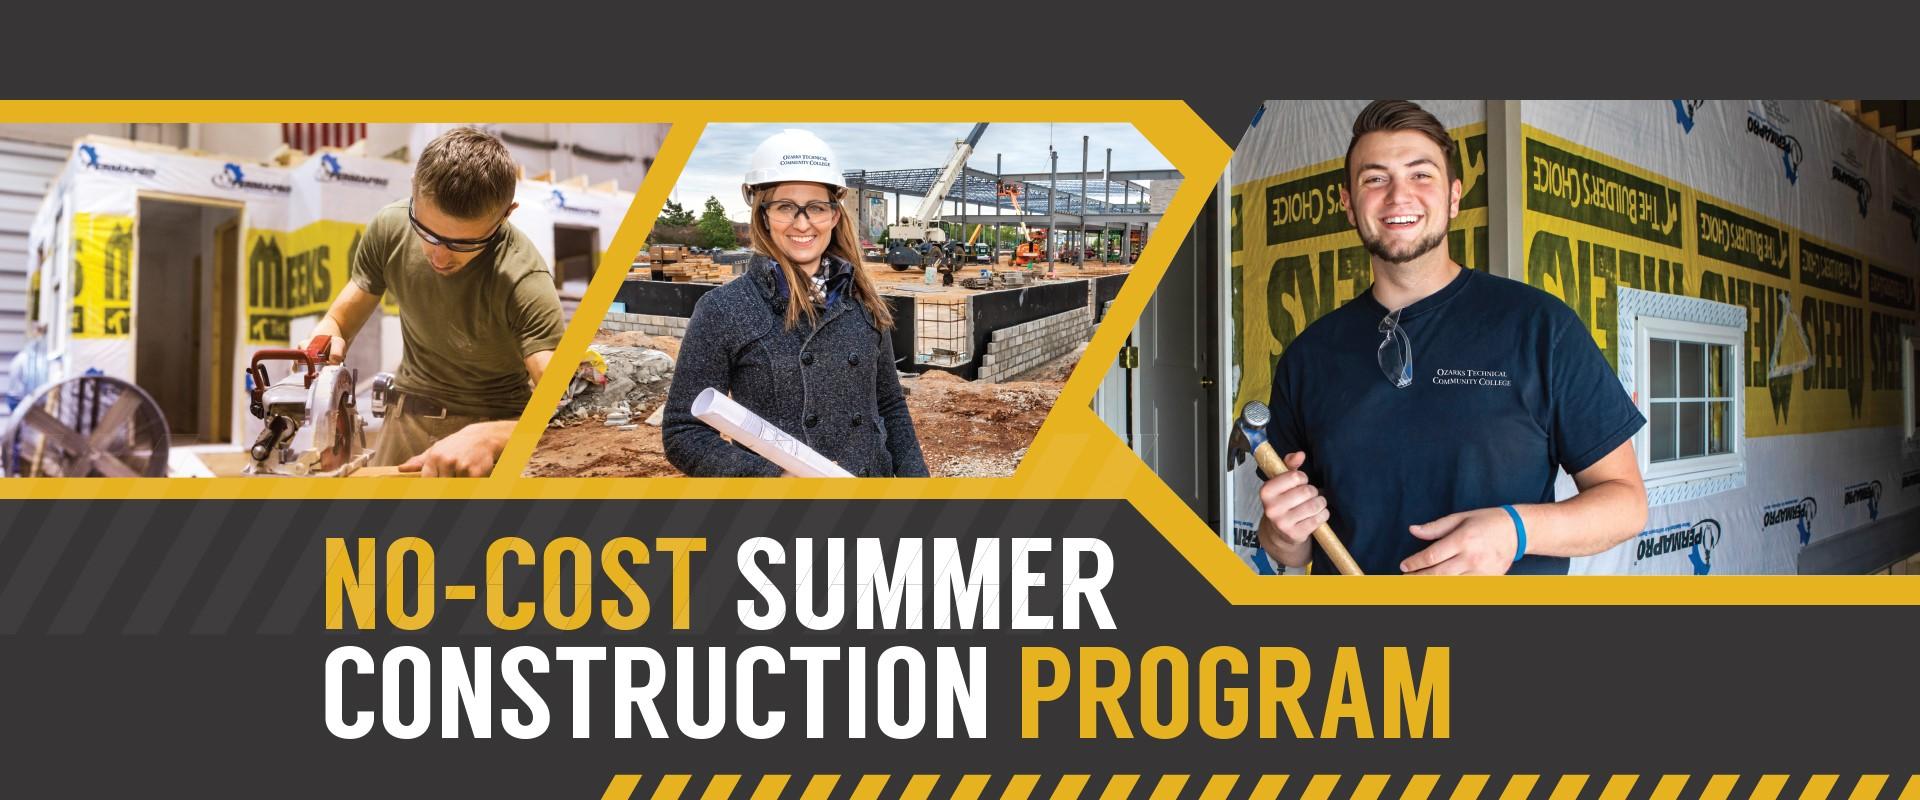 short-term summer construction program